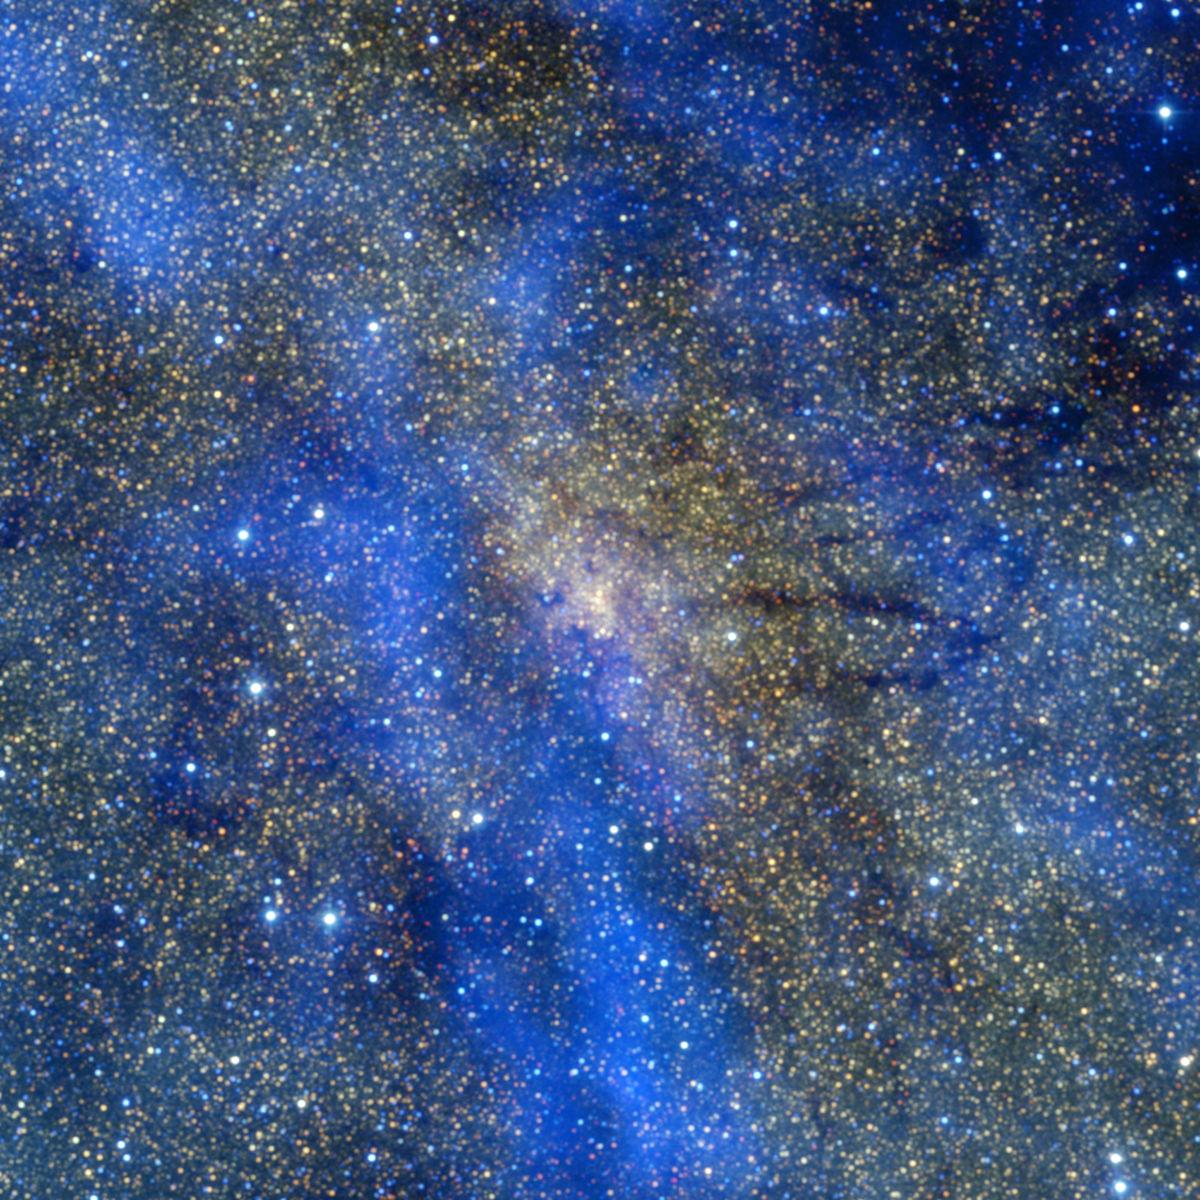 galaxy of stars trivita - photo #6